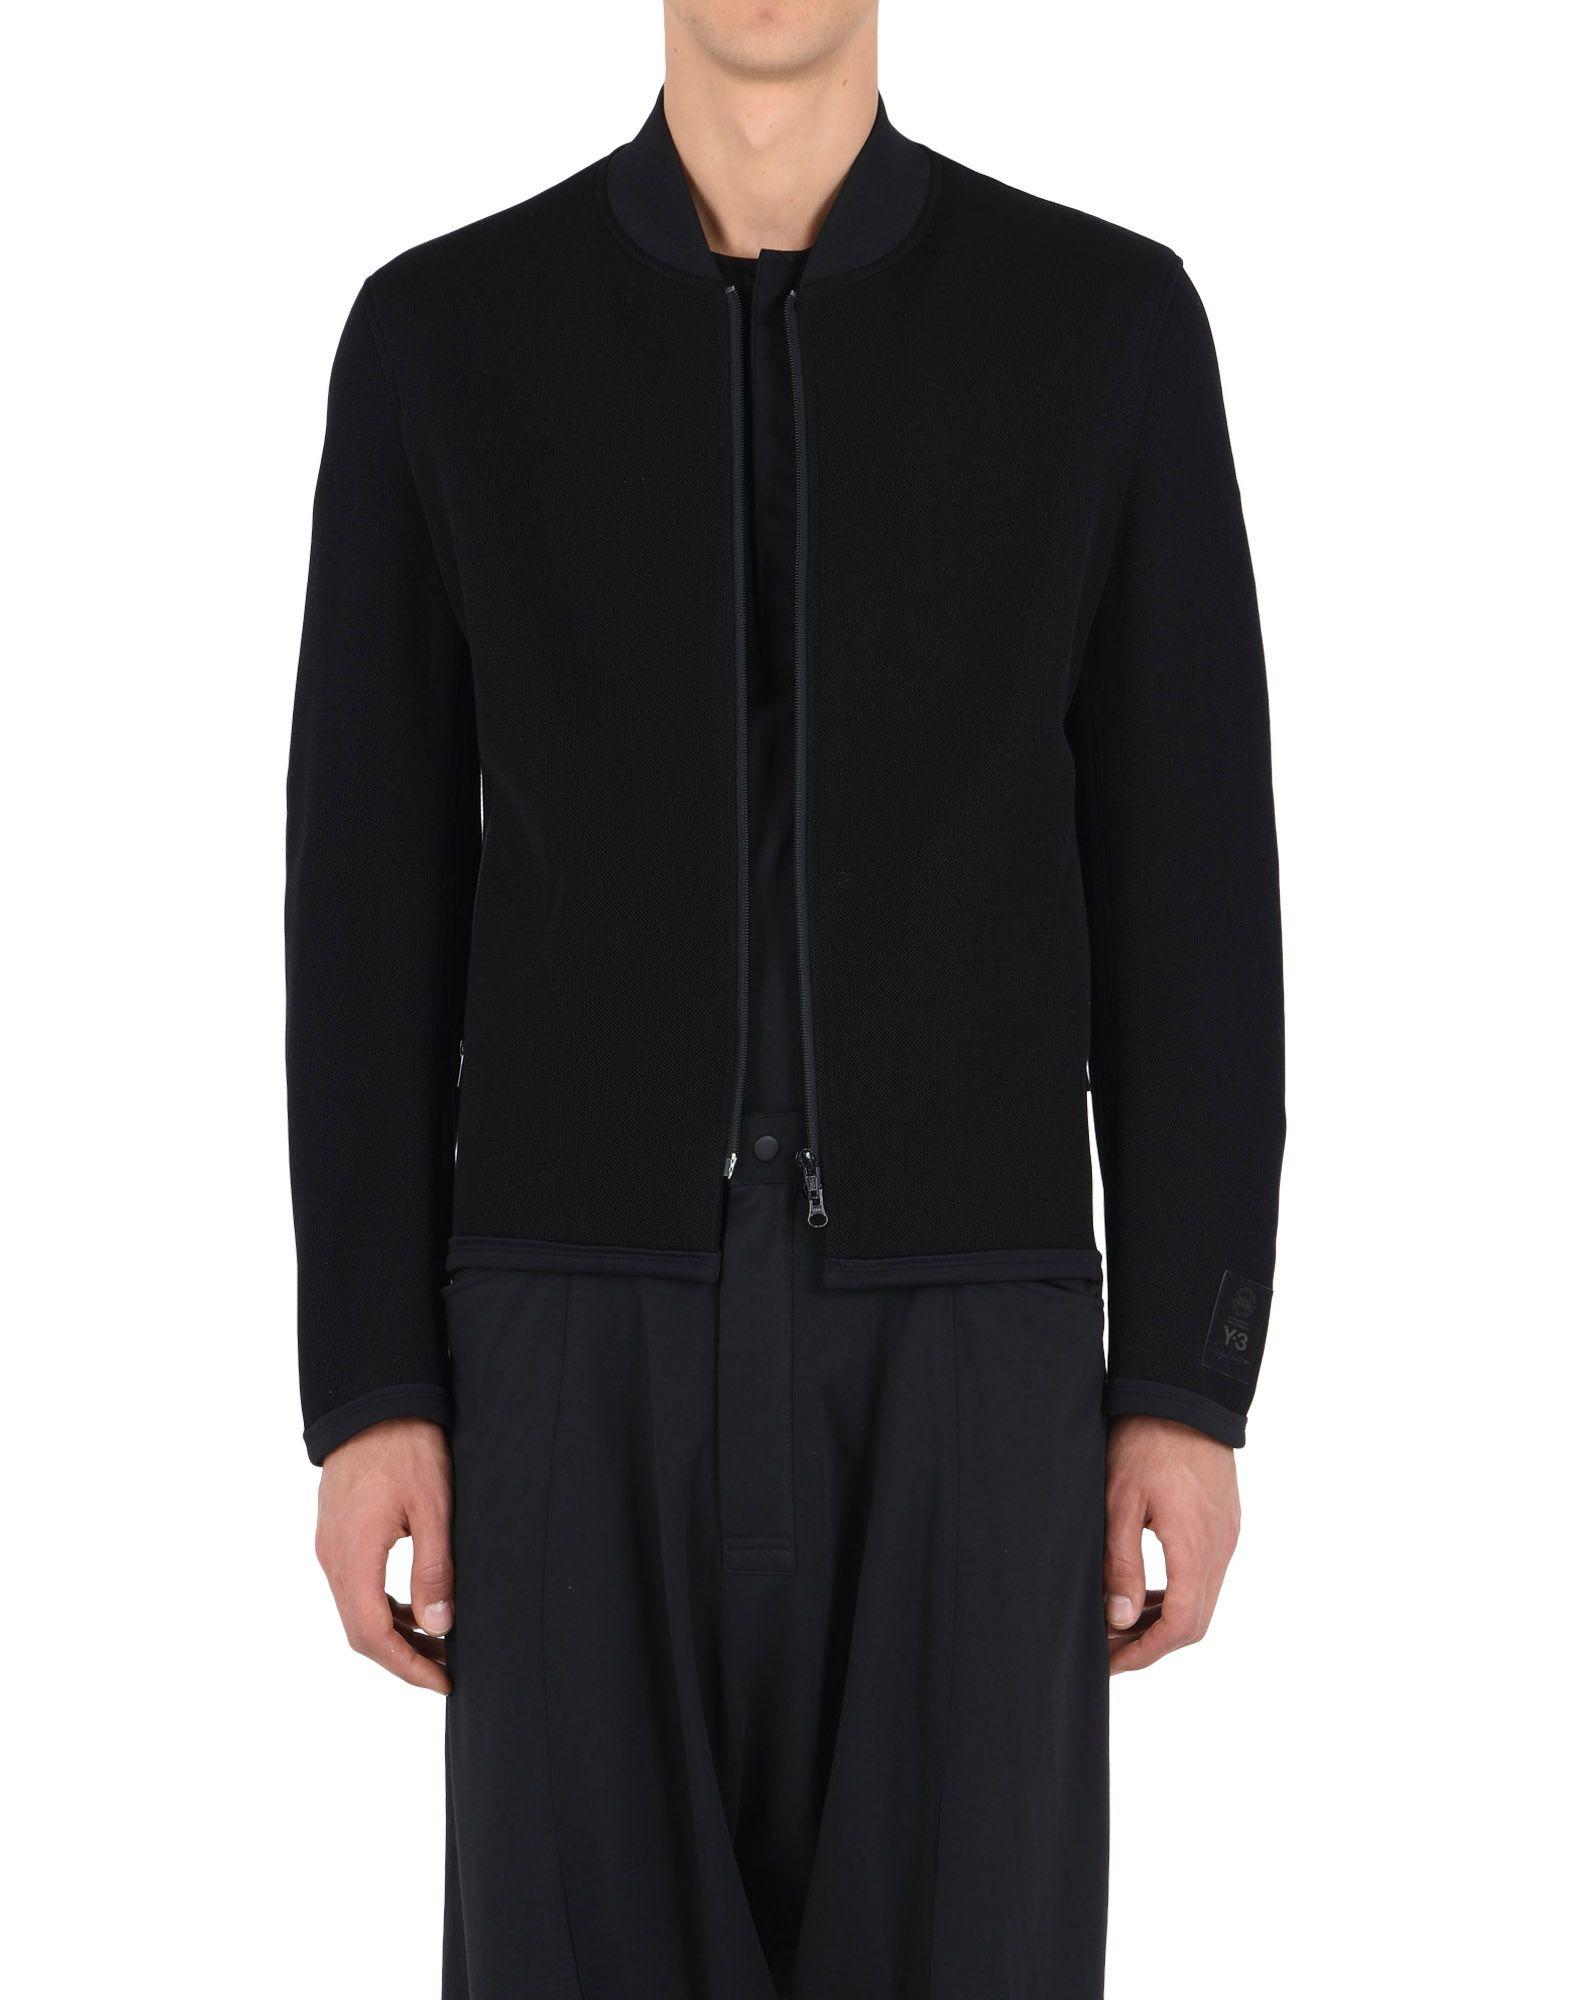 Y 3 MESH 3 STRIPES JACKET Jacken | Adidas Y 3 Offizielle